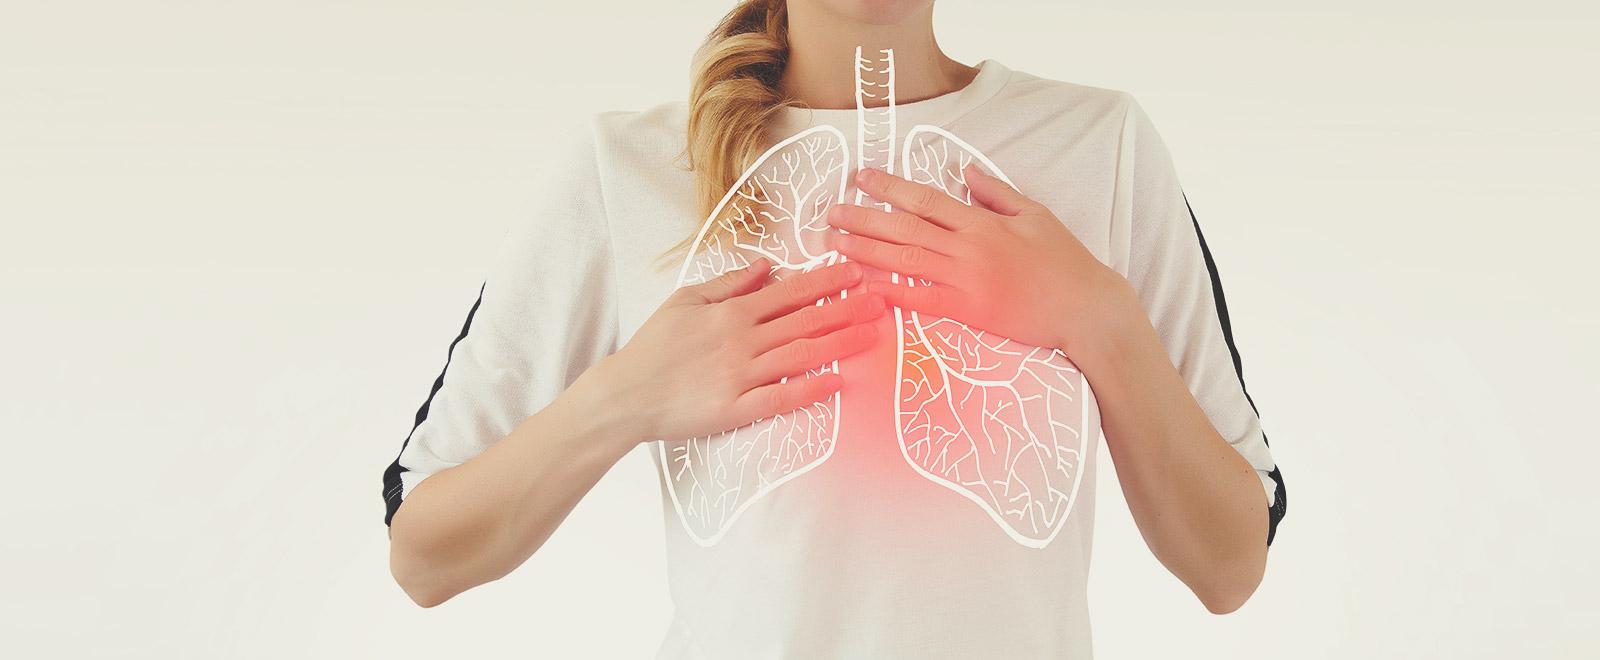 Cannabinoidi: Proteggono contro gli agenti cancerogeni?